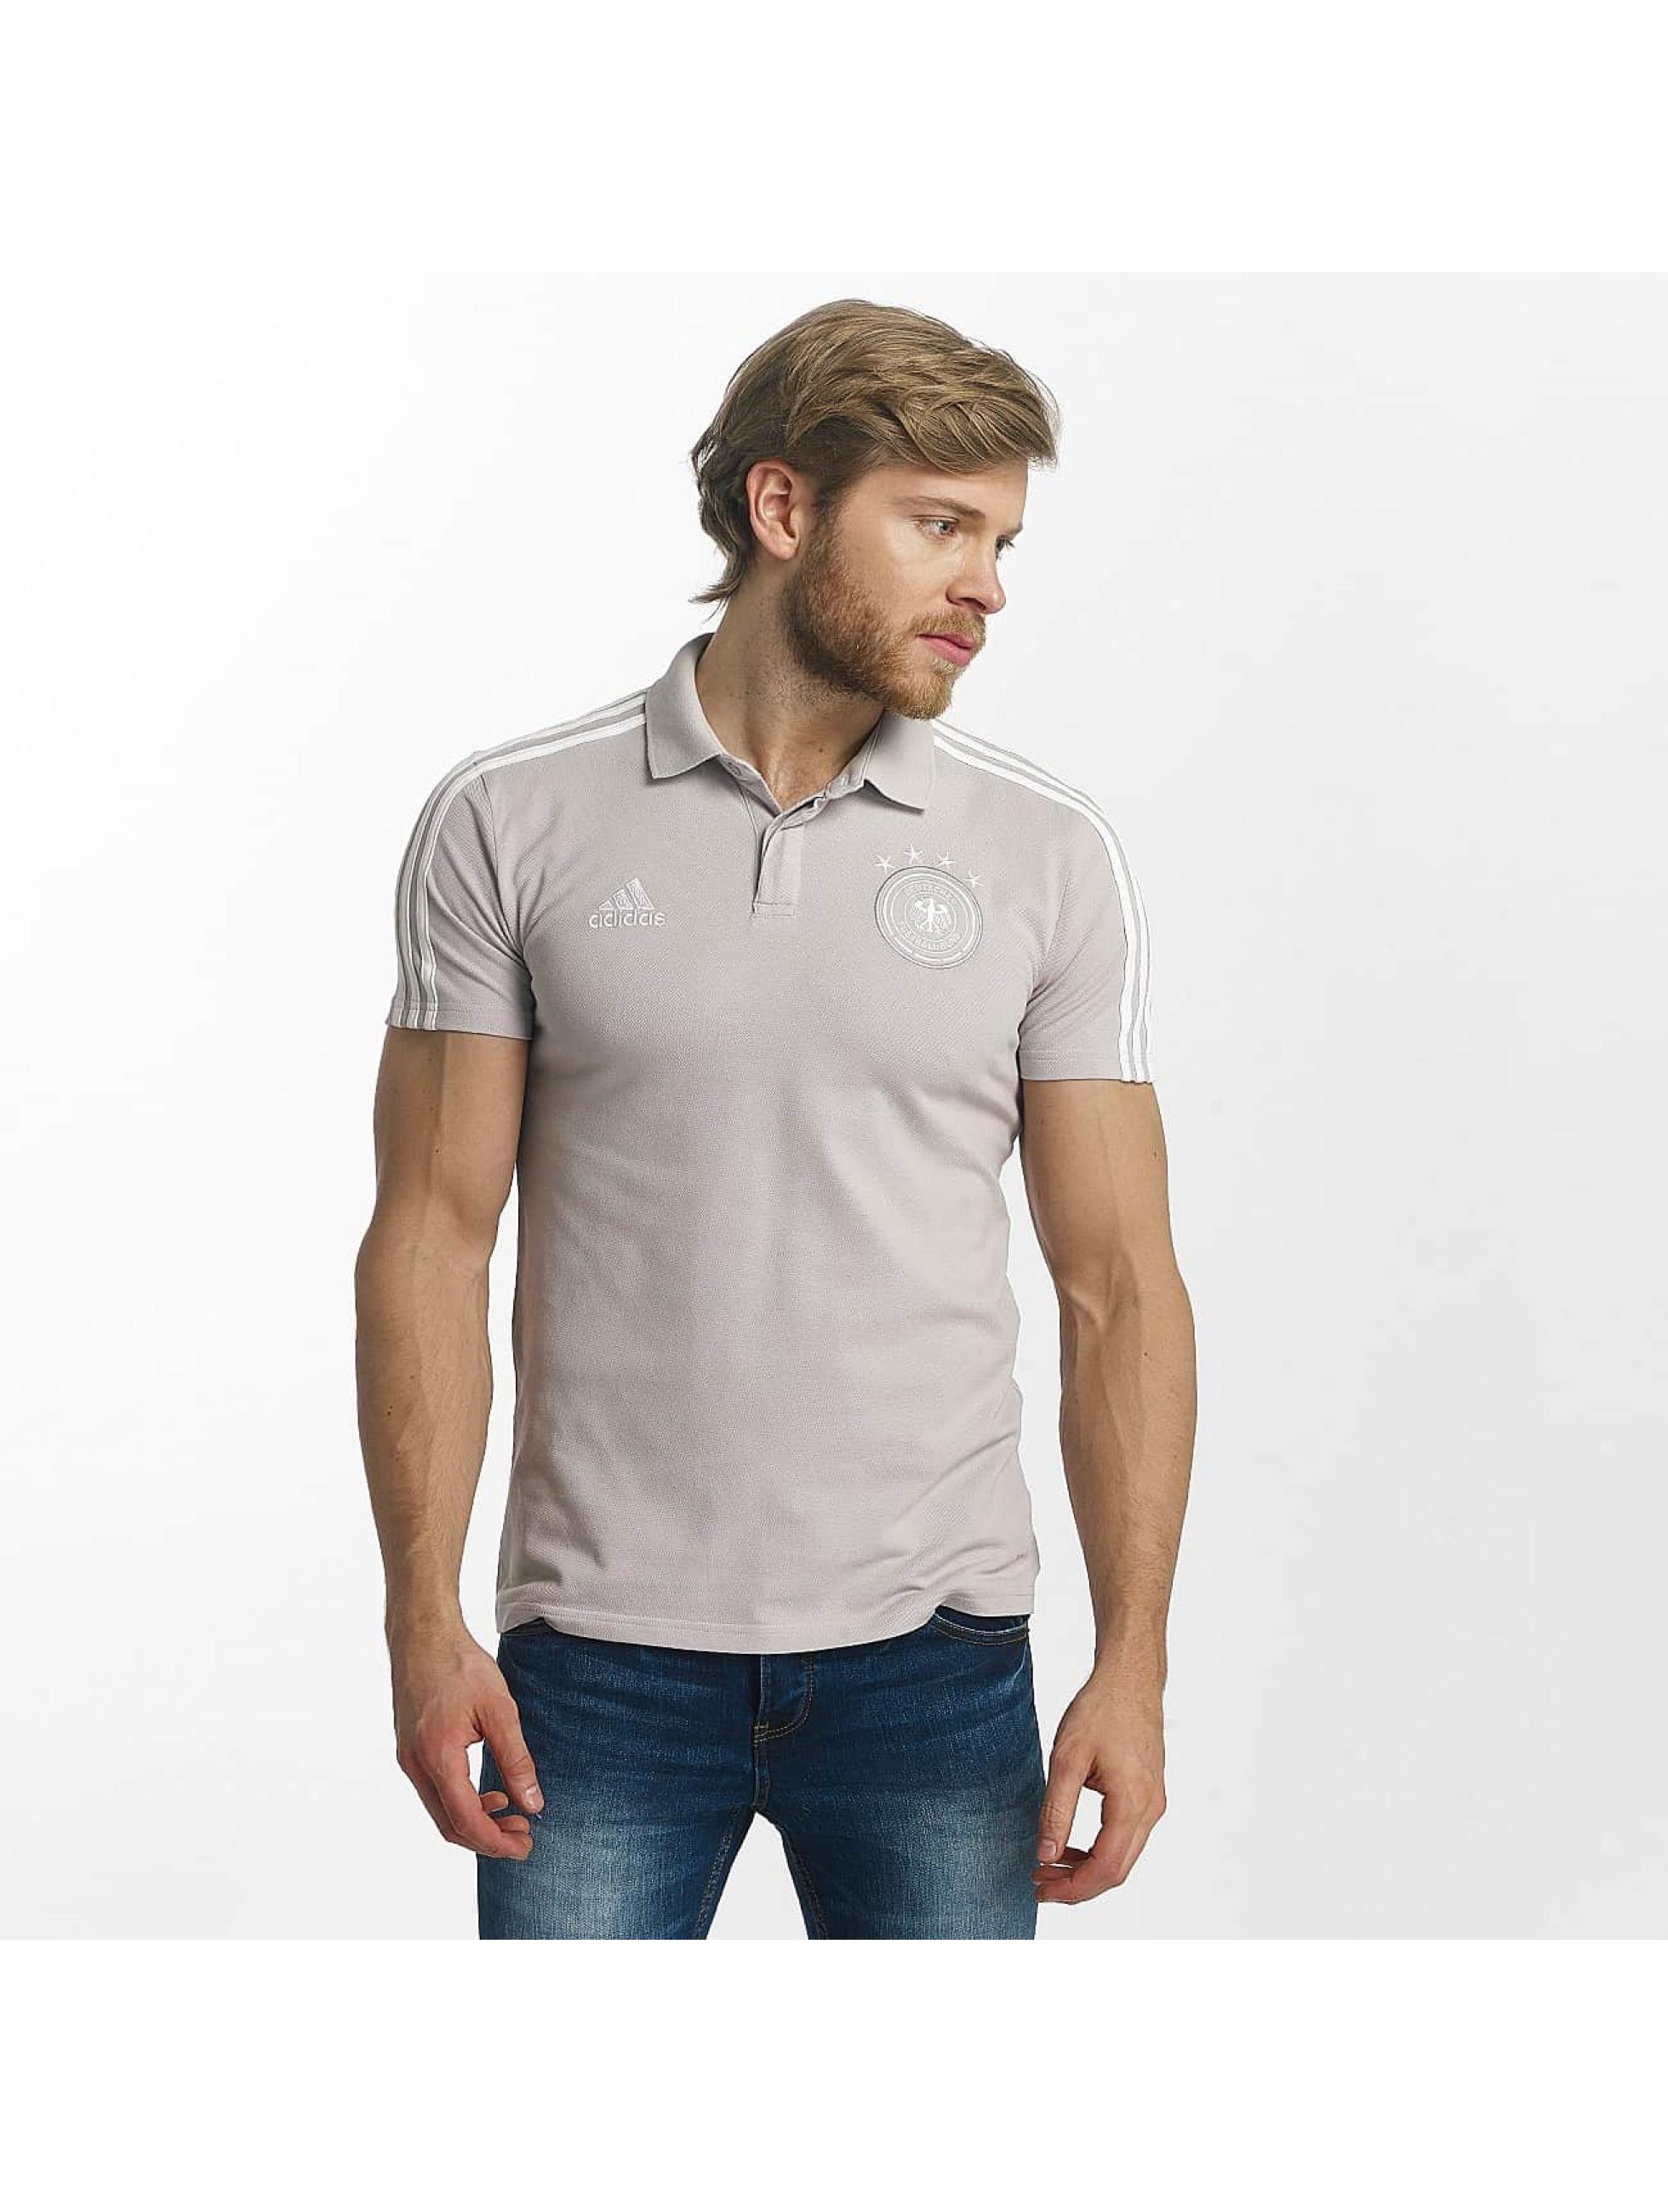 adidas Performance Poloshirt DFB Cotton grau